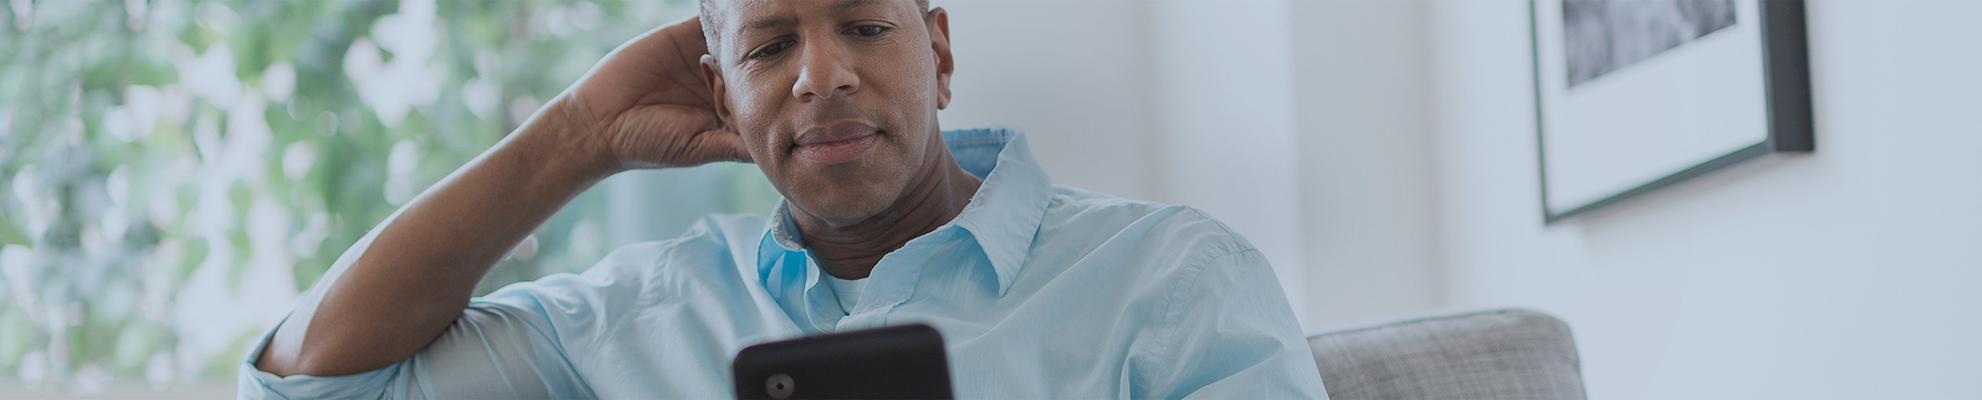 Um pai lendo notícias no celular